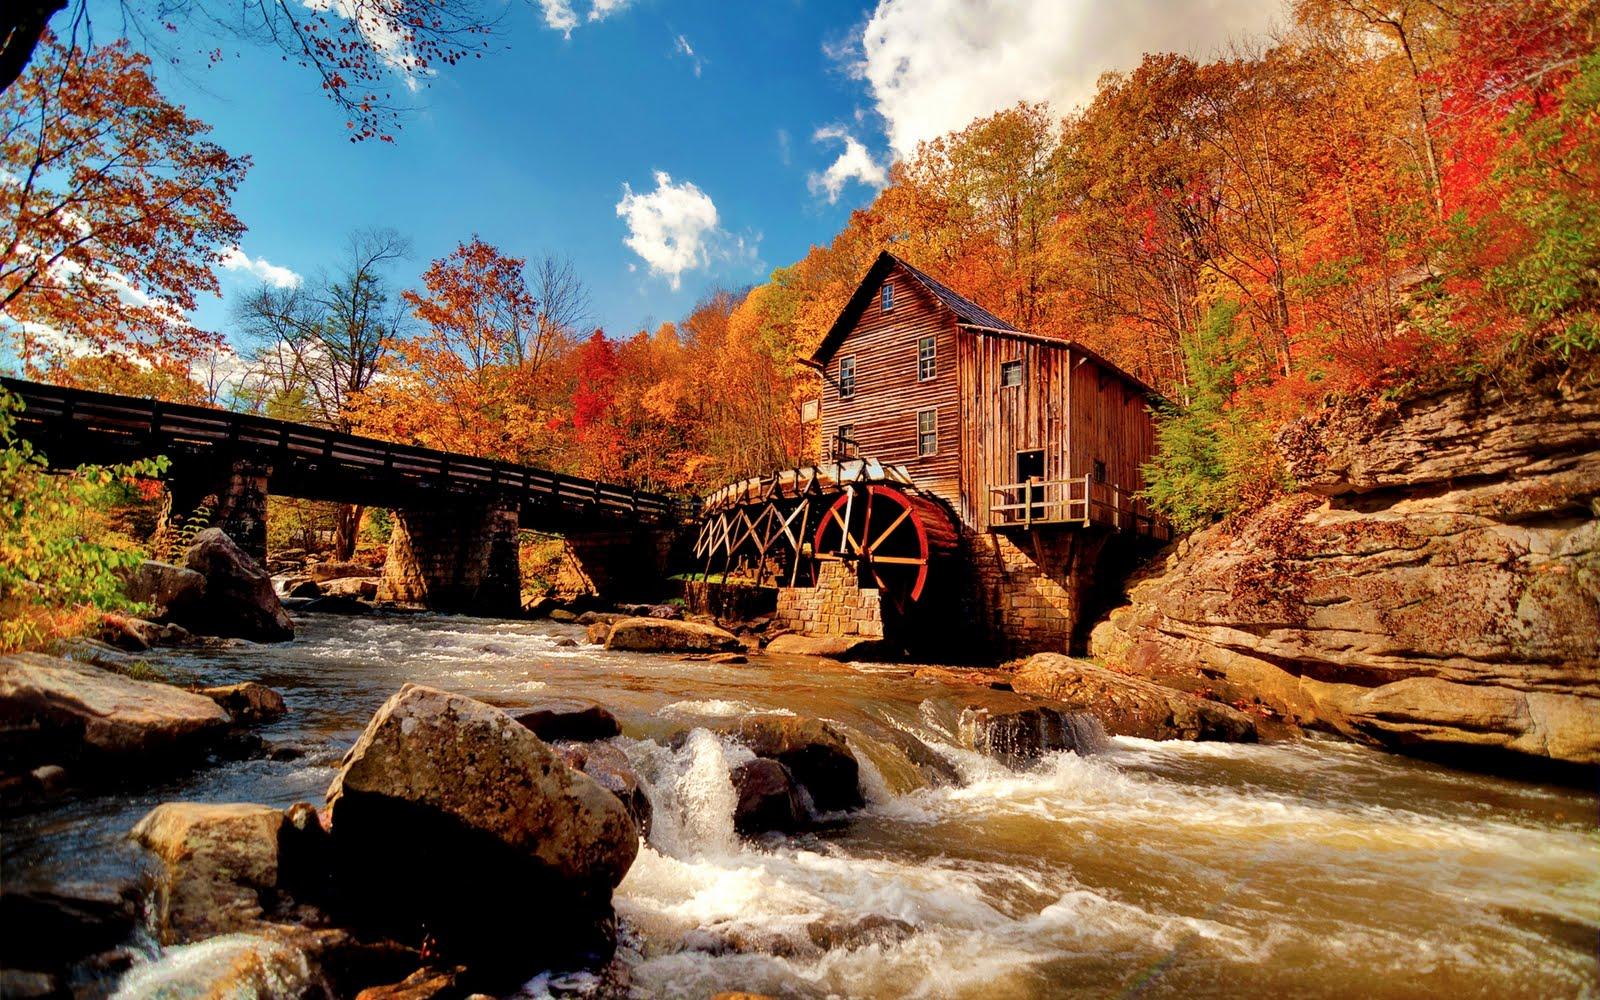 http://1.bp.blogspot.com/-0CgQon34mYI/TtLuxuMK5qI/AAAAAAAArk8/fVCEpAm-dgQ/s1600/autumn-forest-landscape-1920x1200-wallpaper.jpg